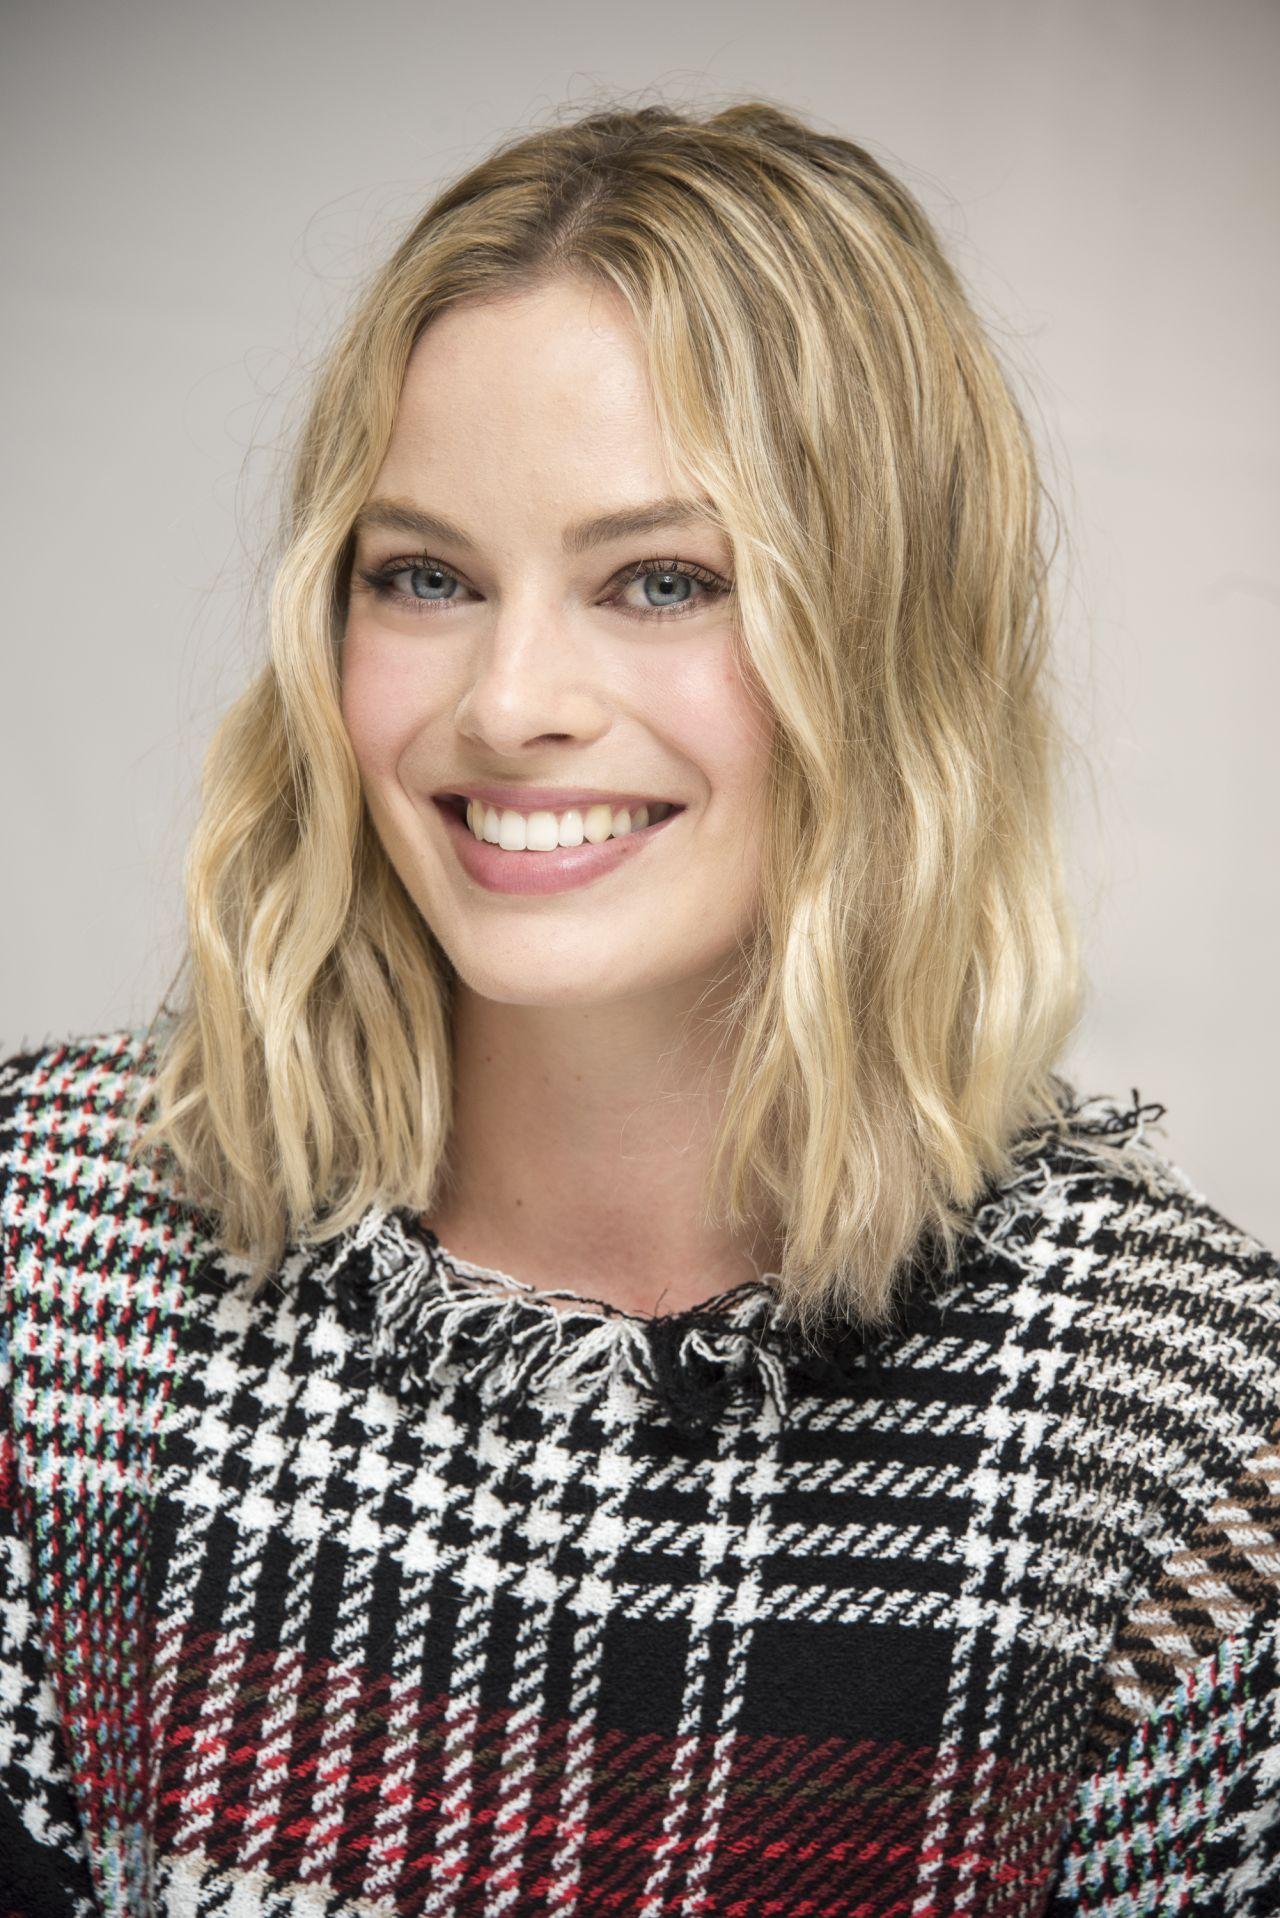 Margot robbie deadline portrait studio at tiff 2019 - 2019 year